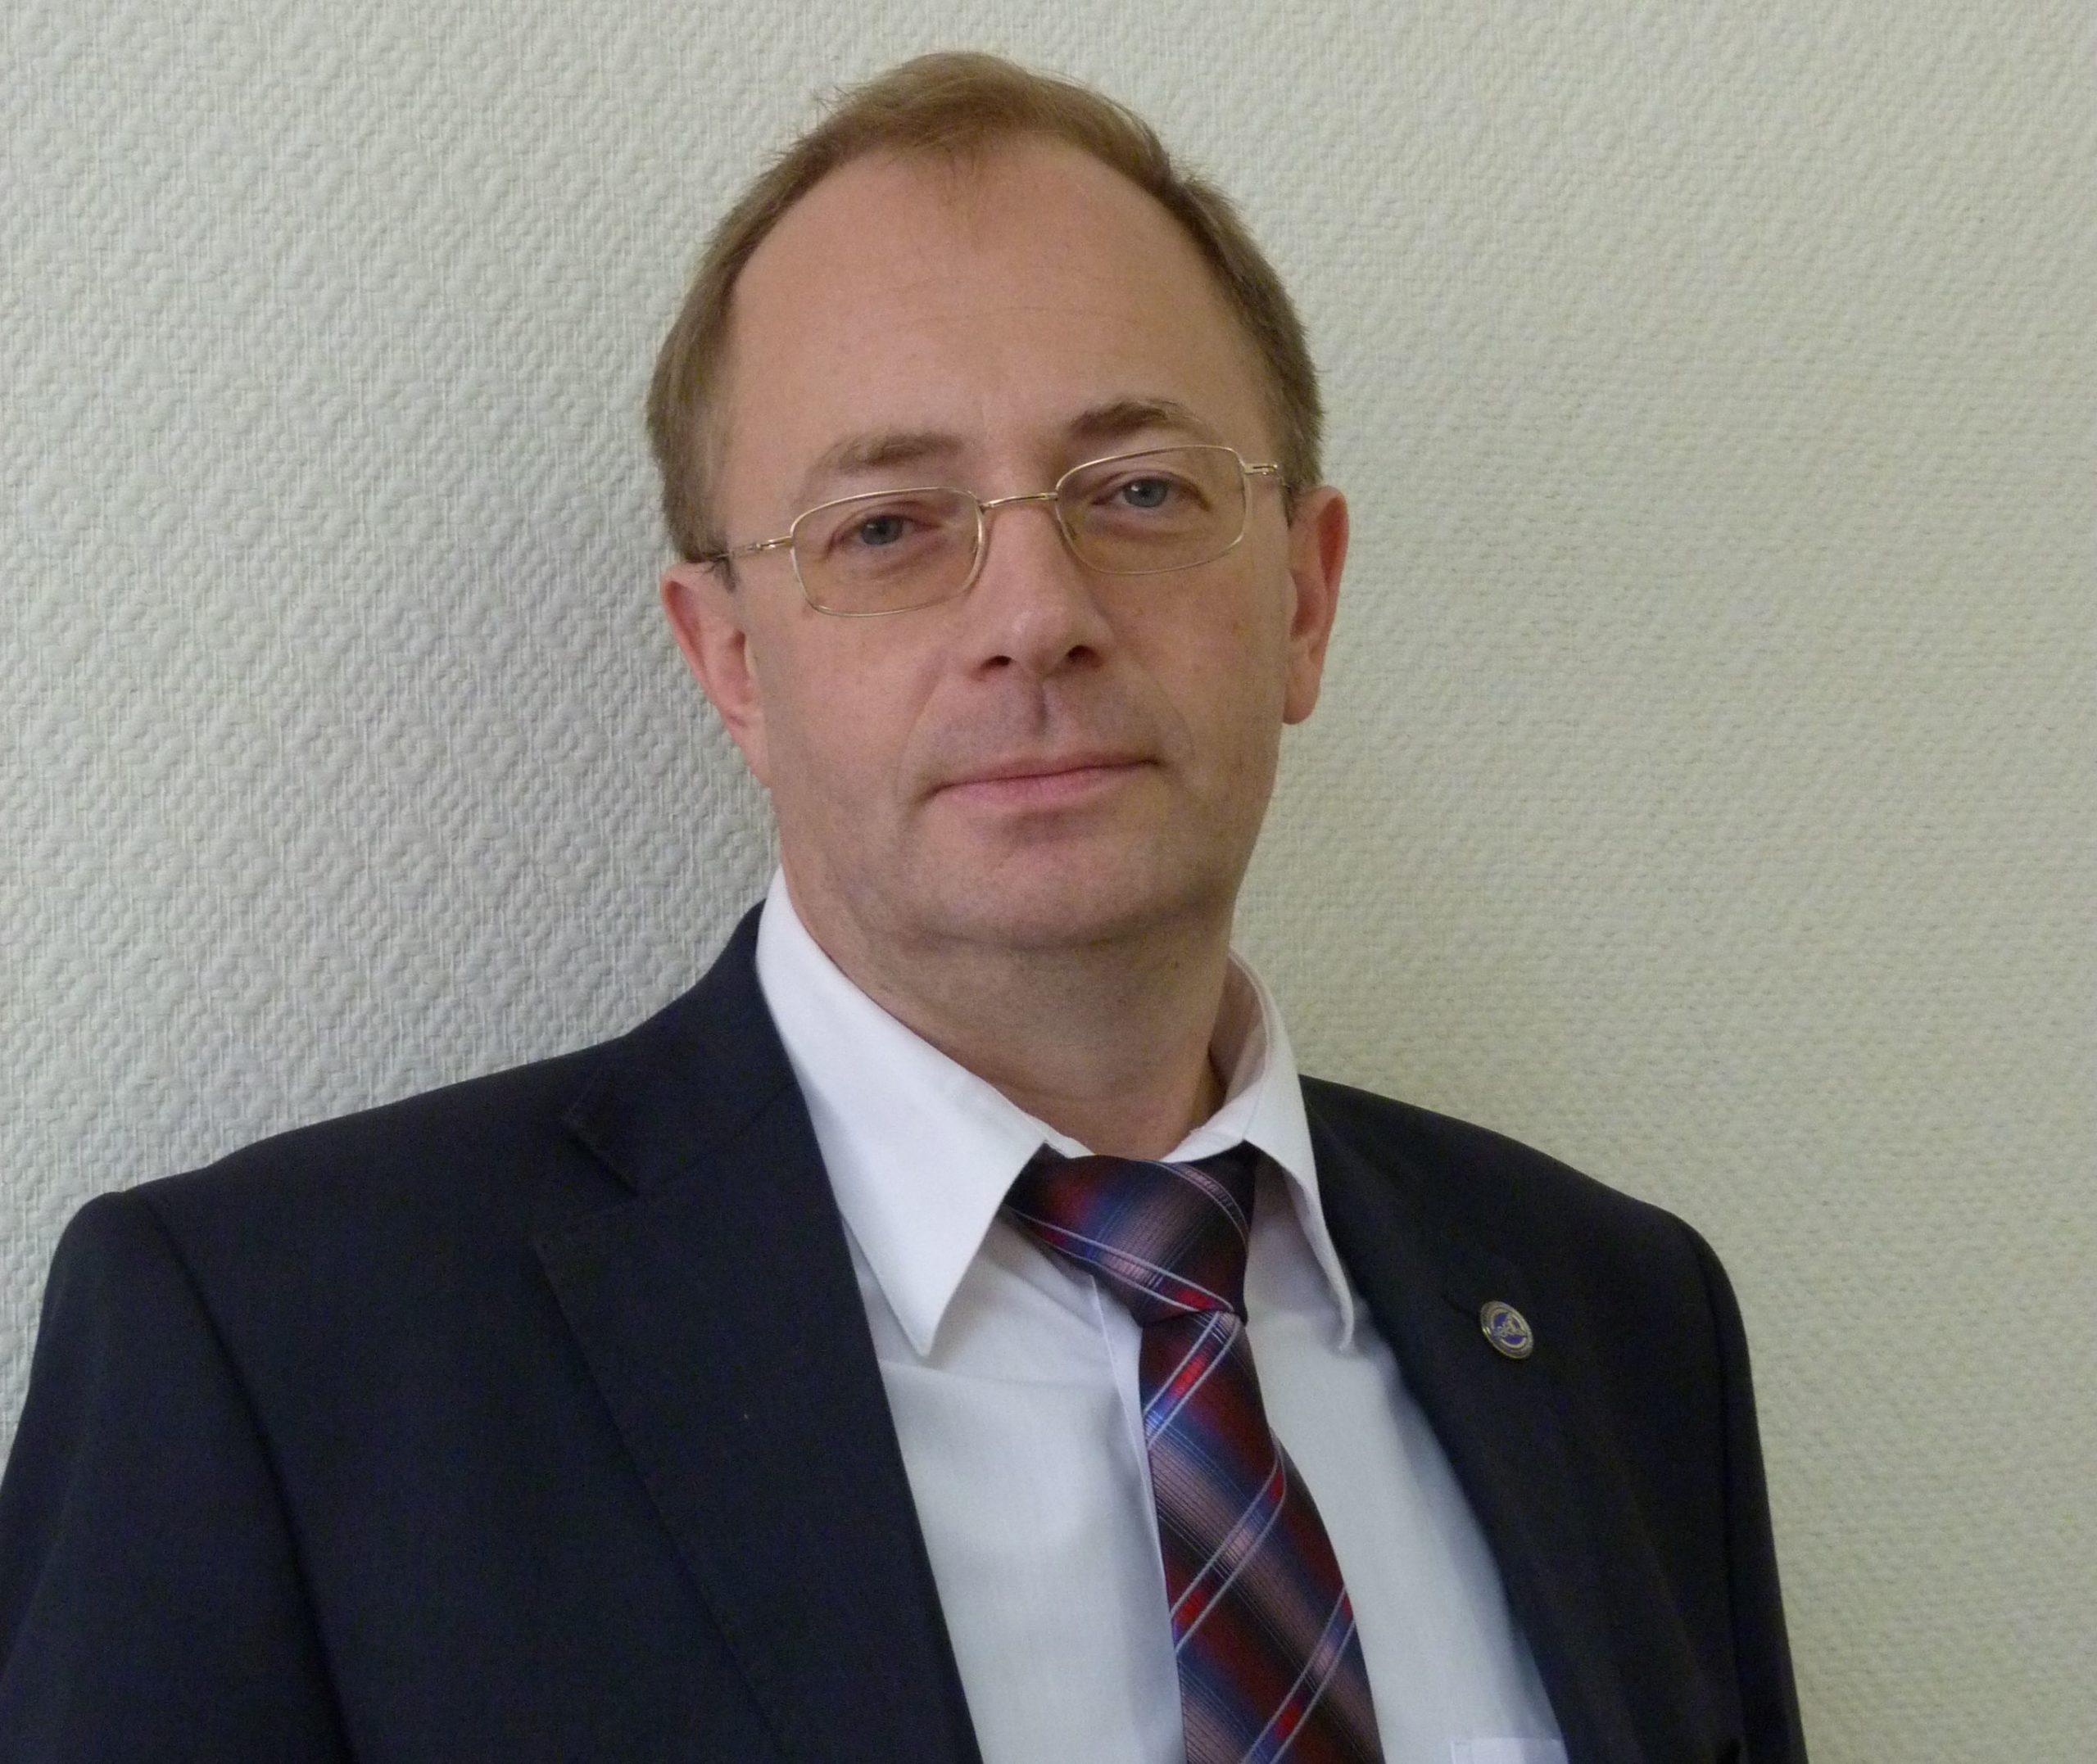 Владислав Шориков: поддерживая бизнес, поддерживаем сами себя